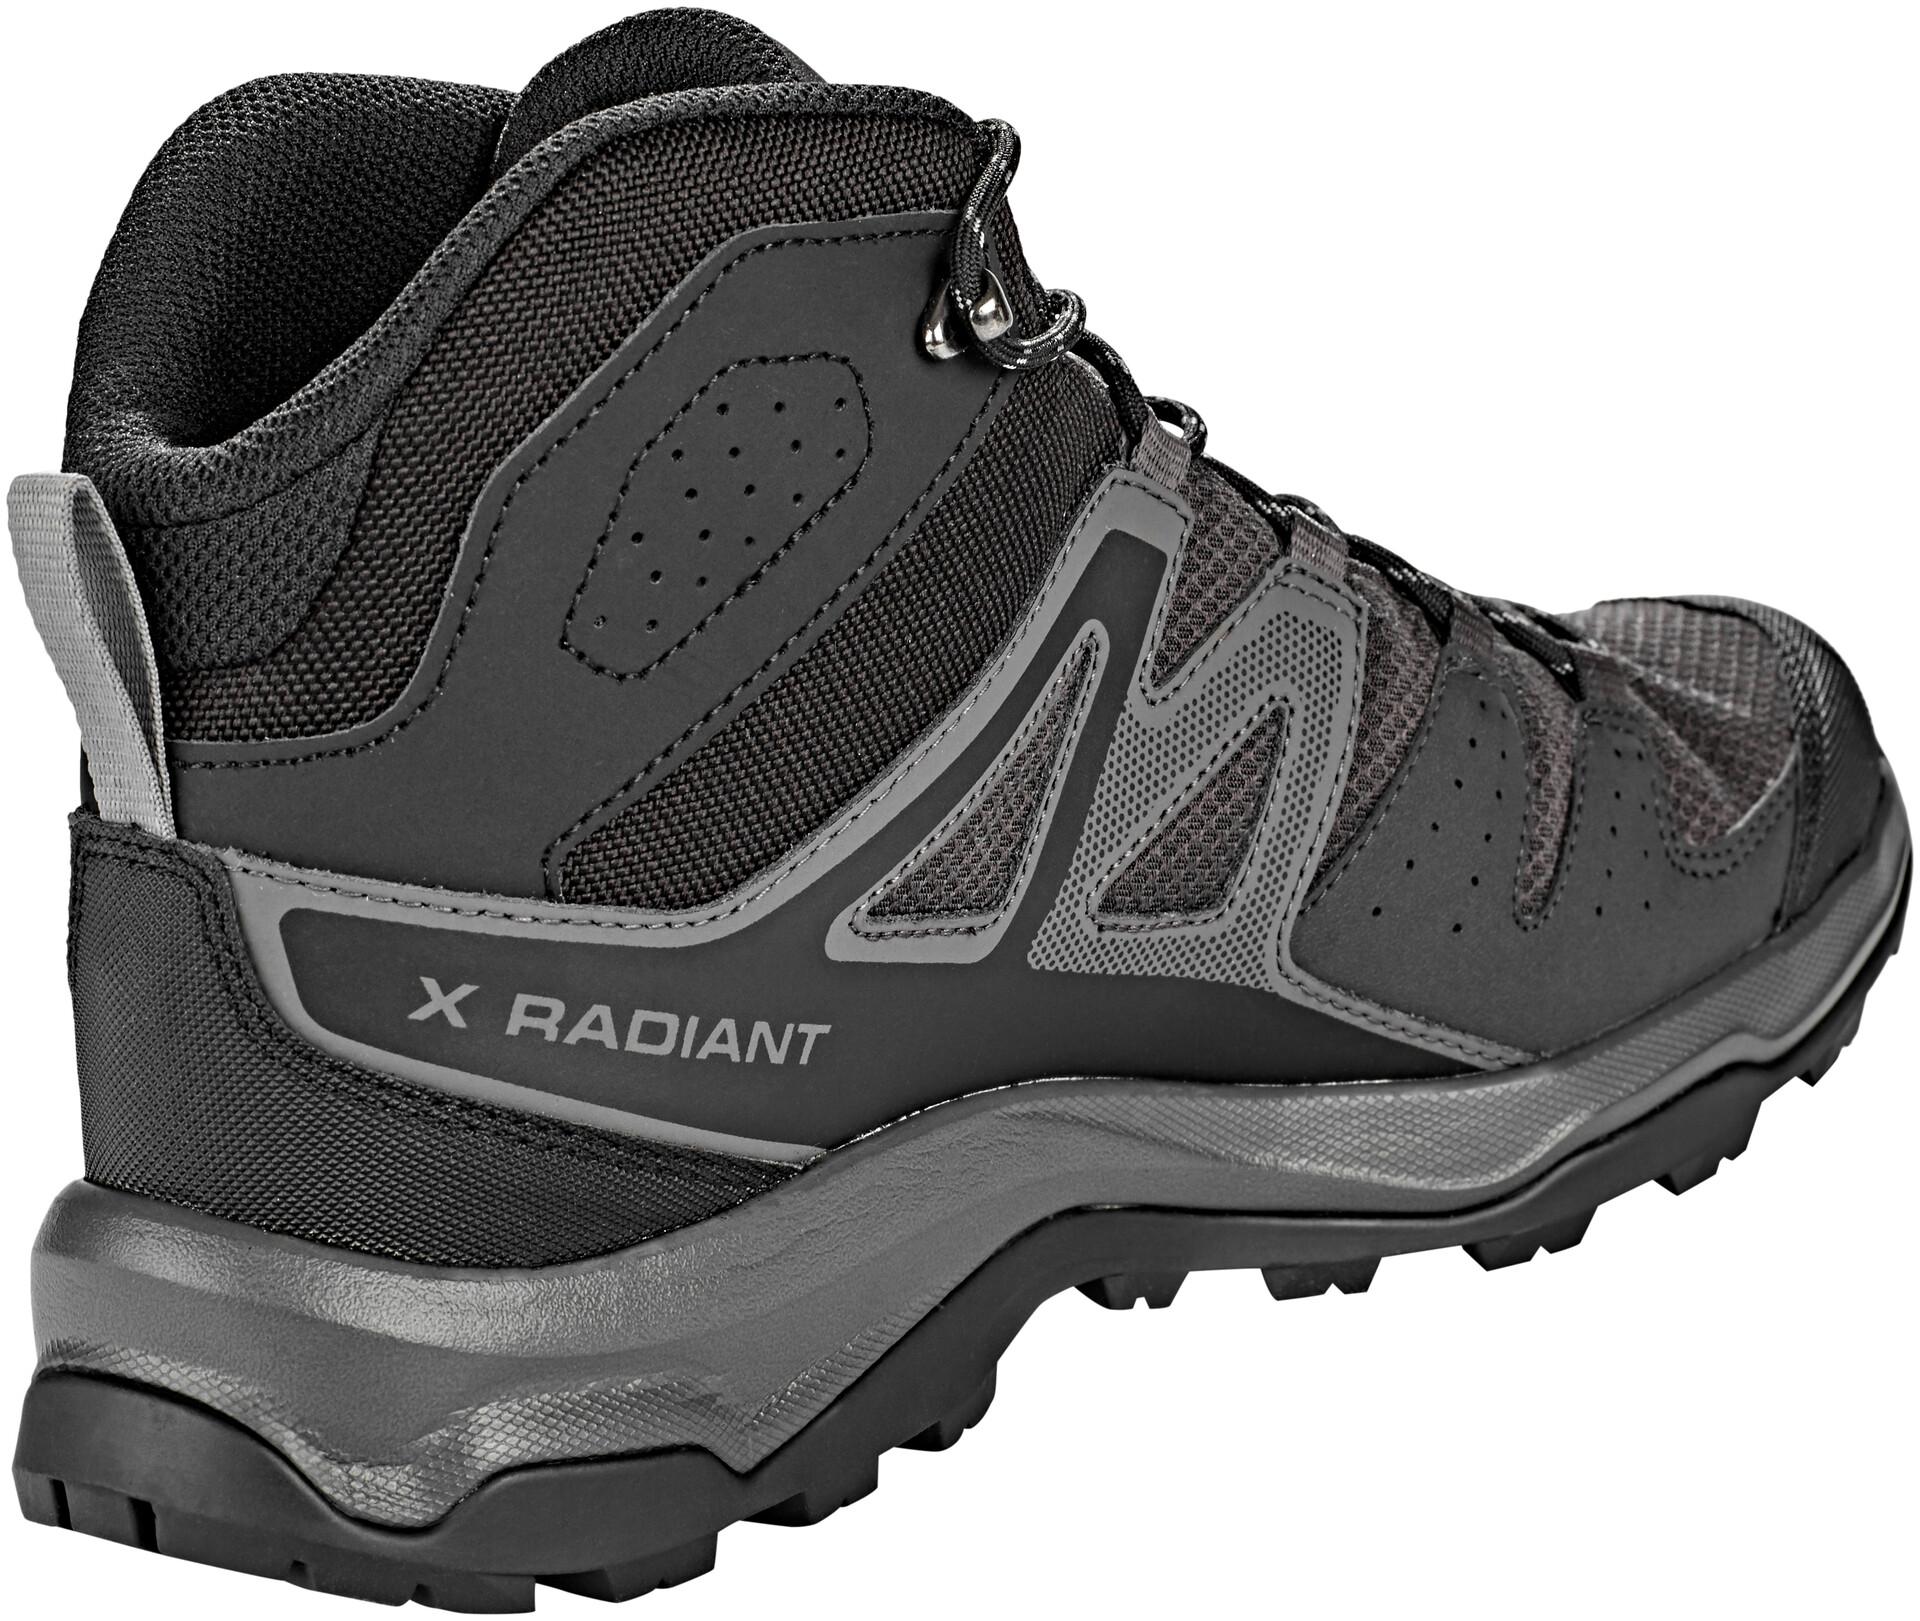 Buty trekkingowe Salomon X Radiant Mid Gtx PhantomMagnet Archiwum Produktów